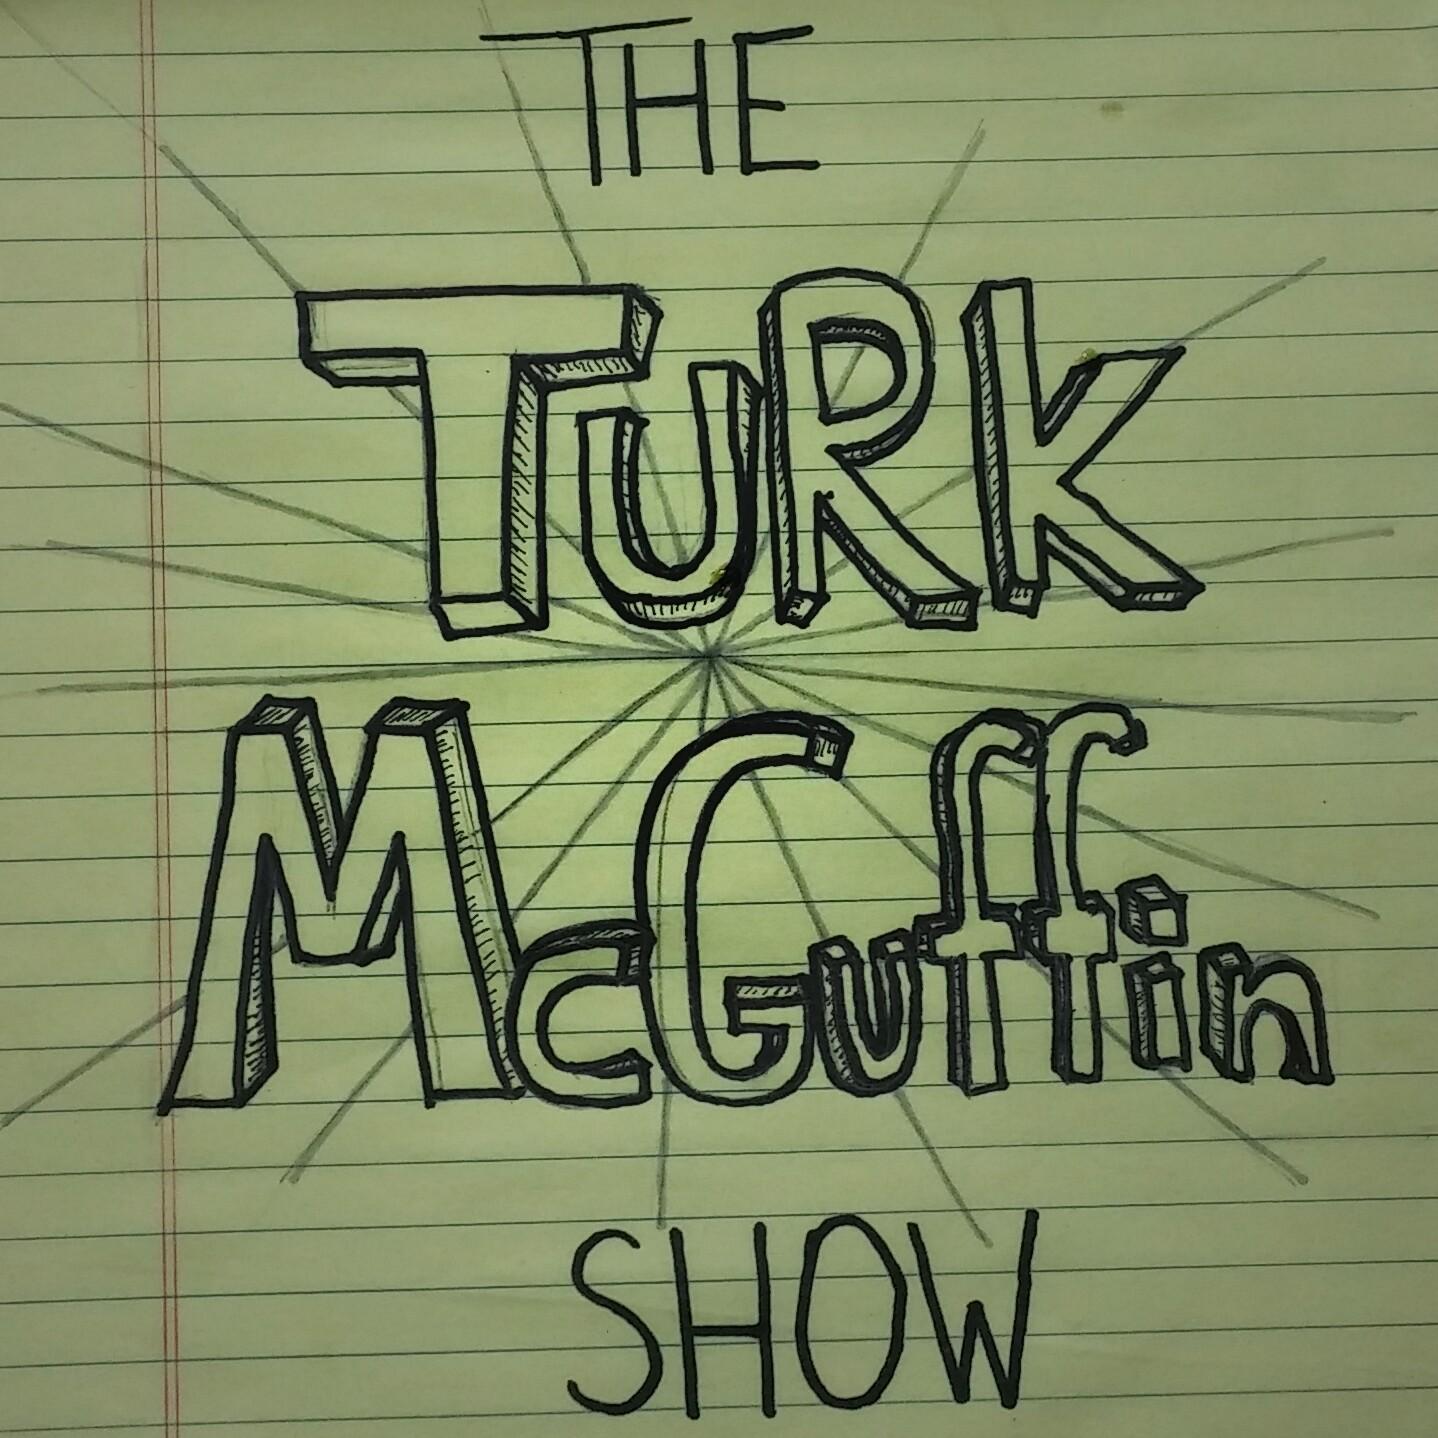 TheTurkMcGuffinShow